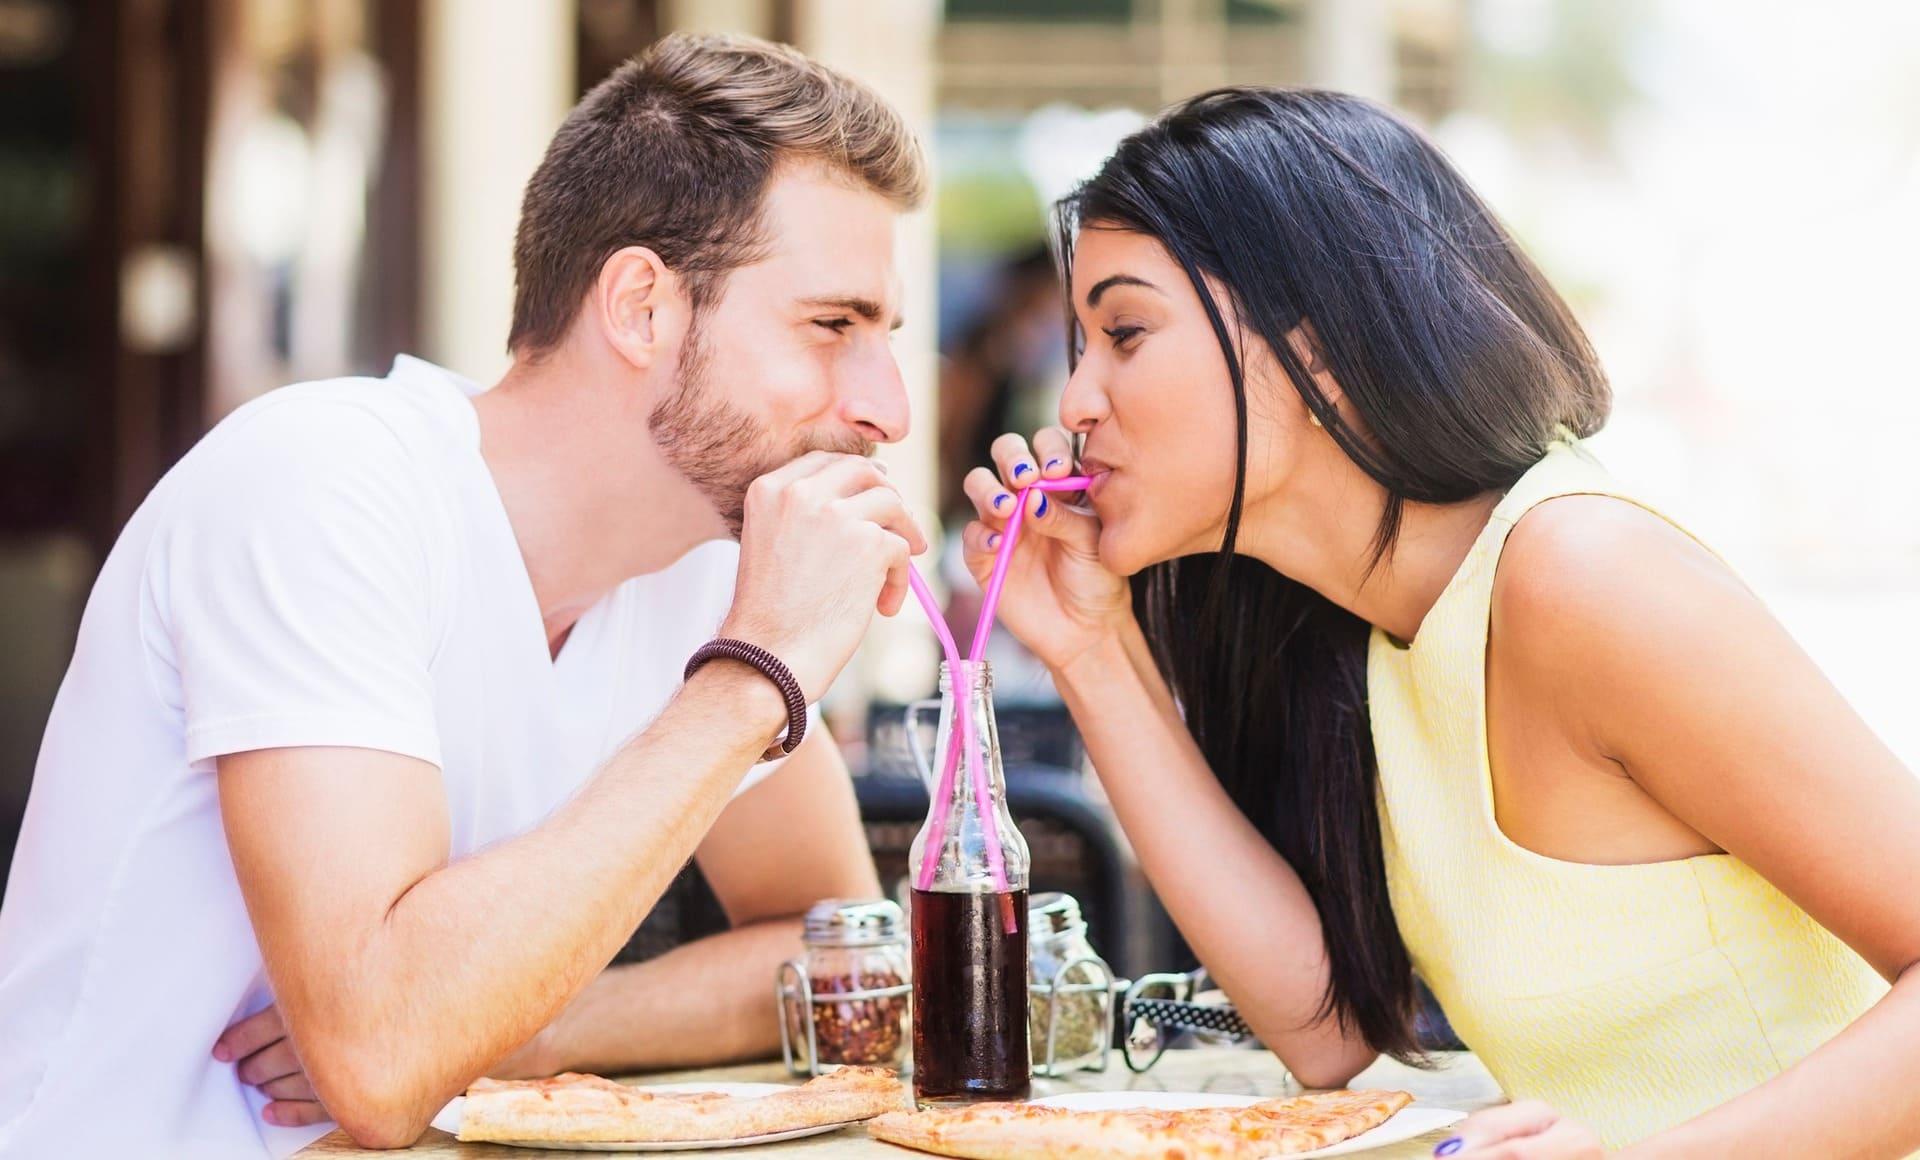 какими должны быть здоровые отношения между мужчиной и женщиной